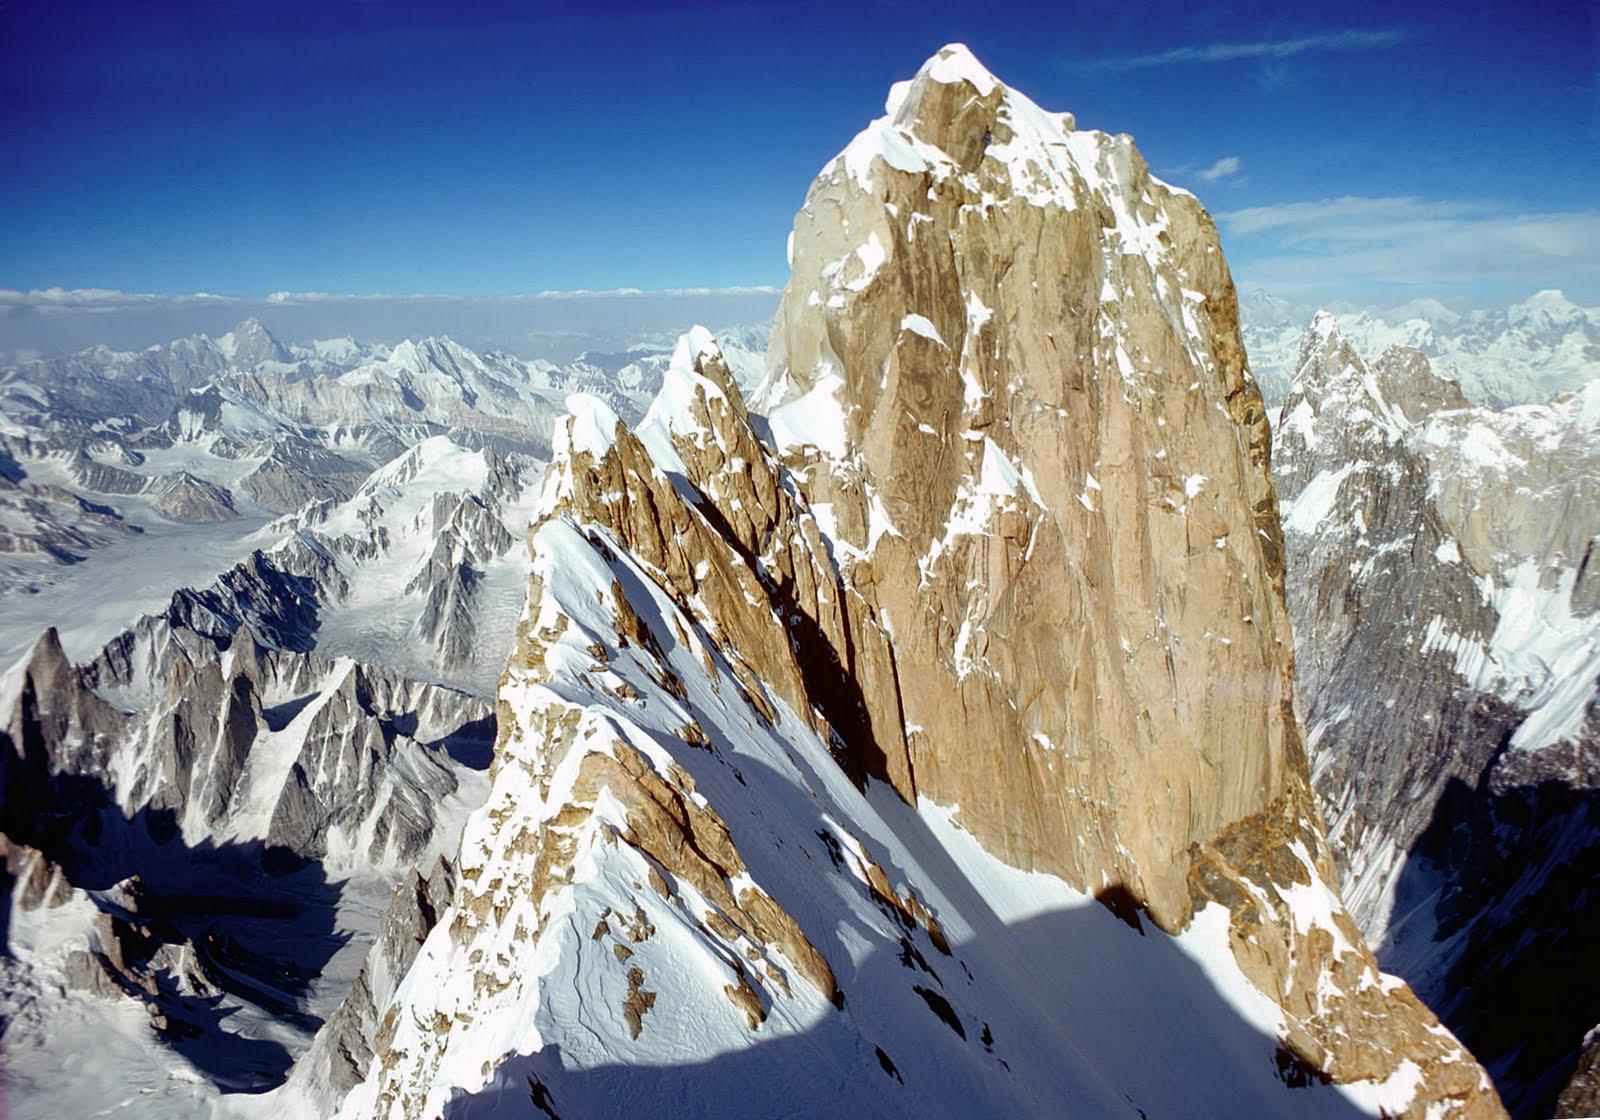 baintha brakk  87 highest mountain in the world